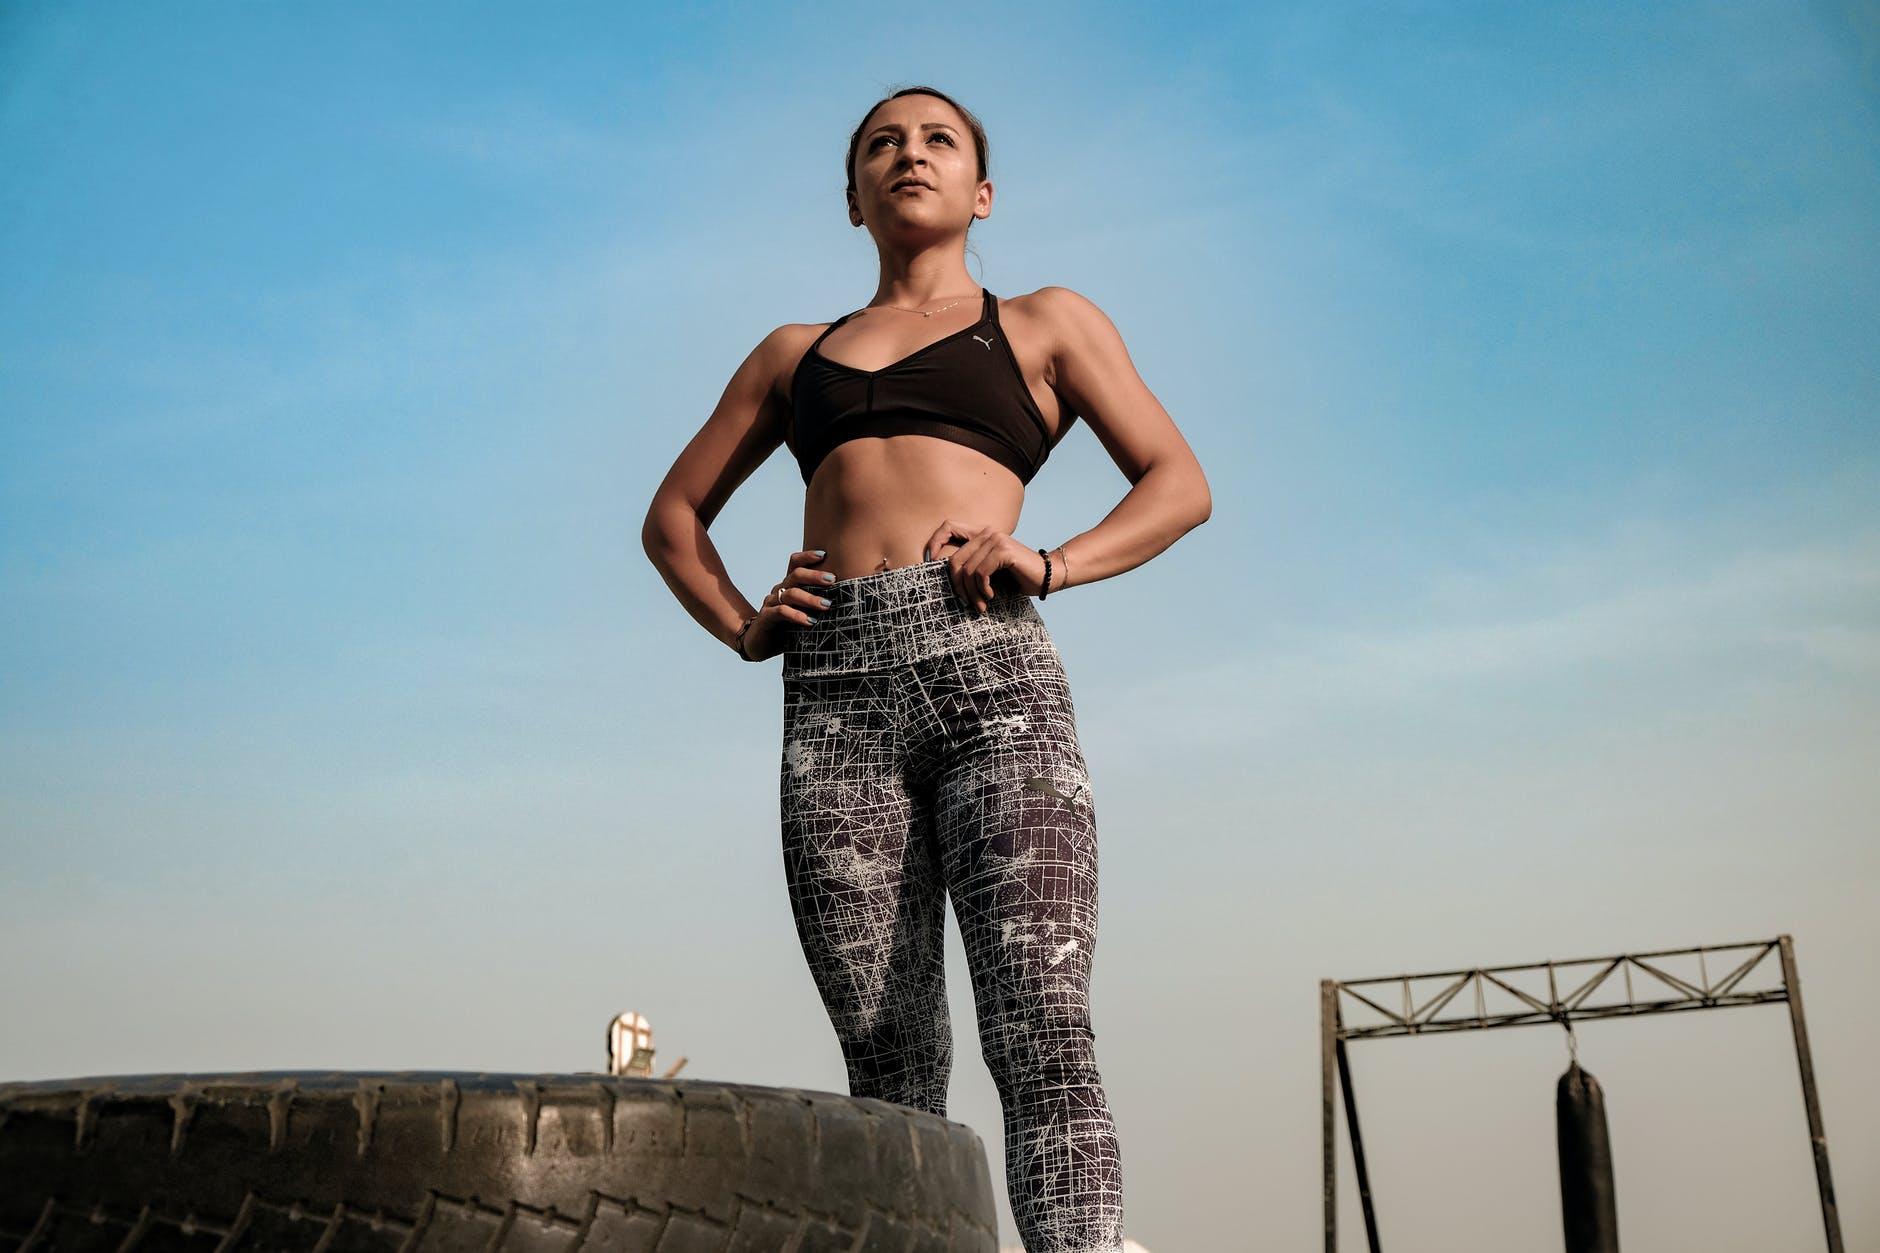 ออกกำลังกายน้ำหนักไม่ลด